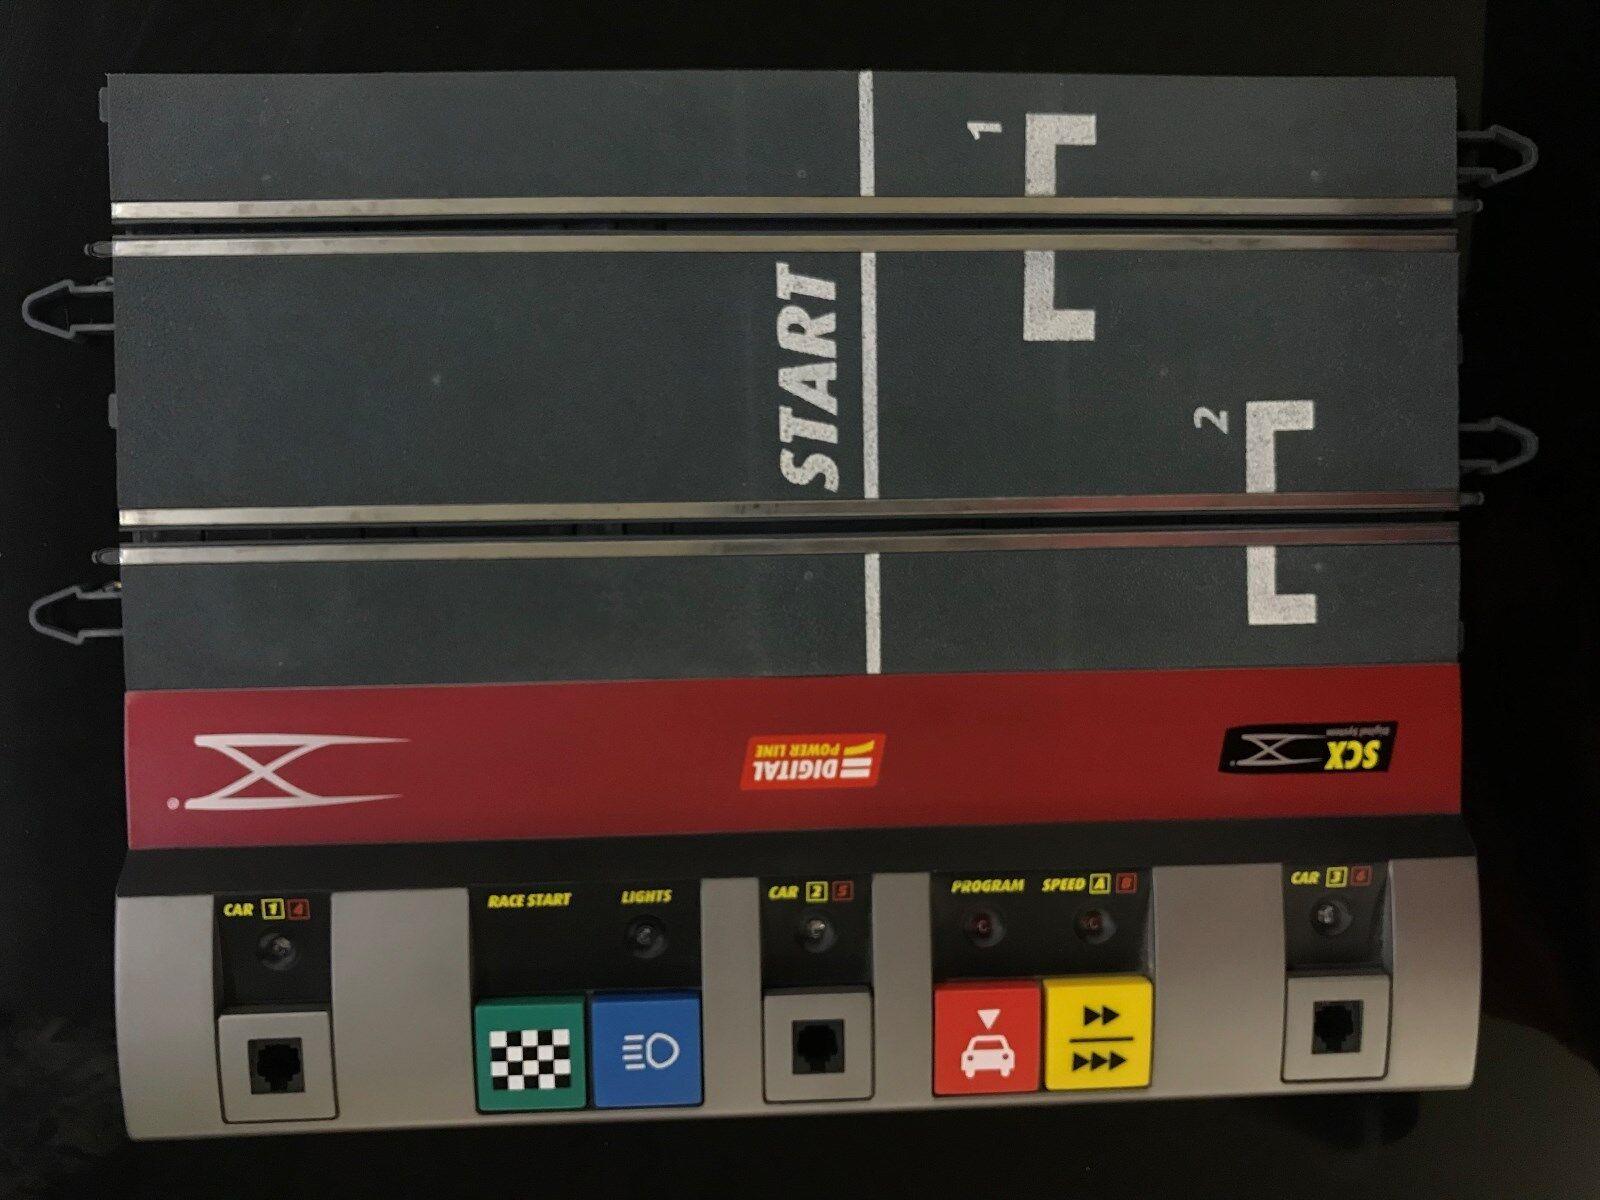 Scx Digital-Lote con pistas y accesorios